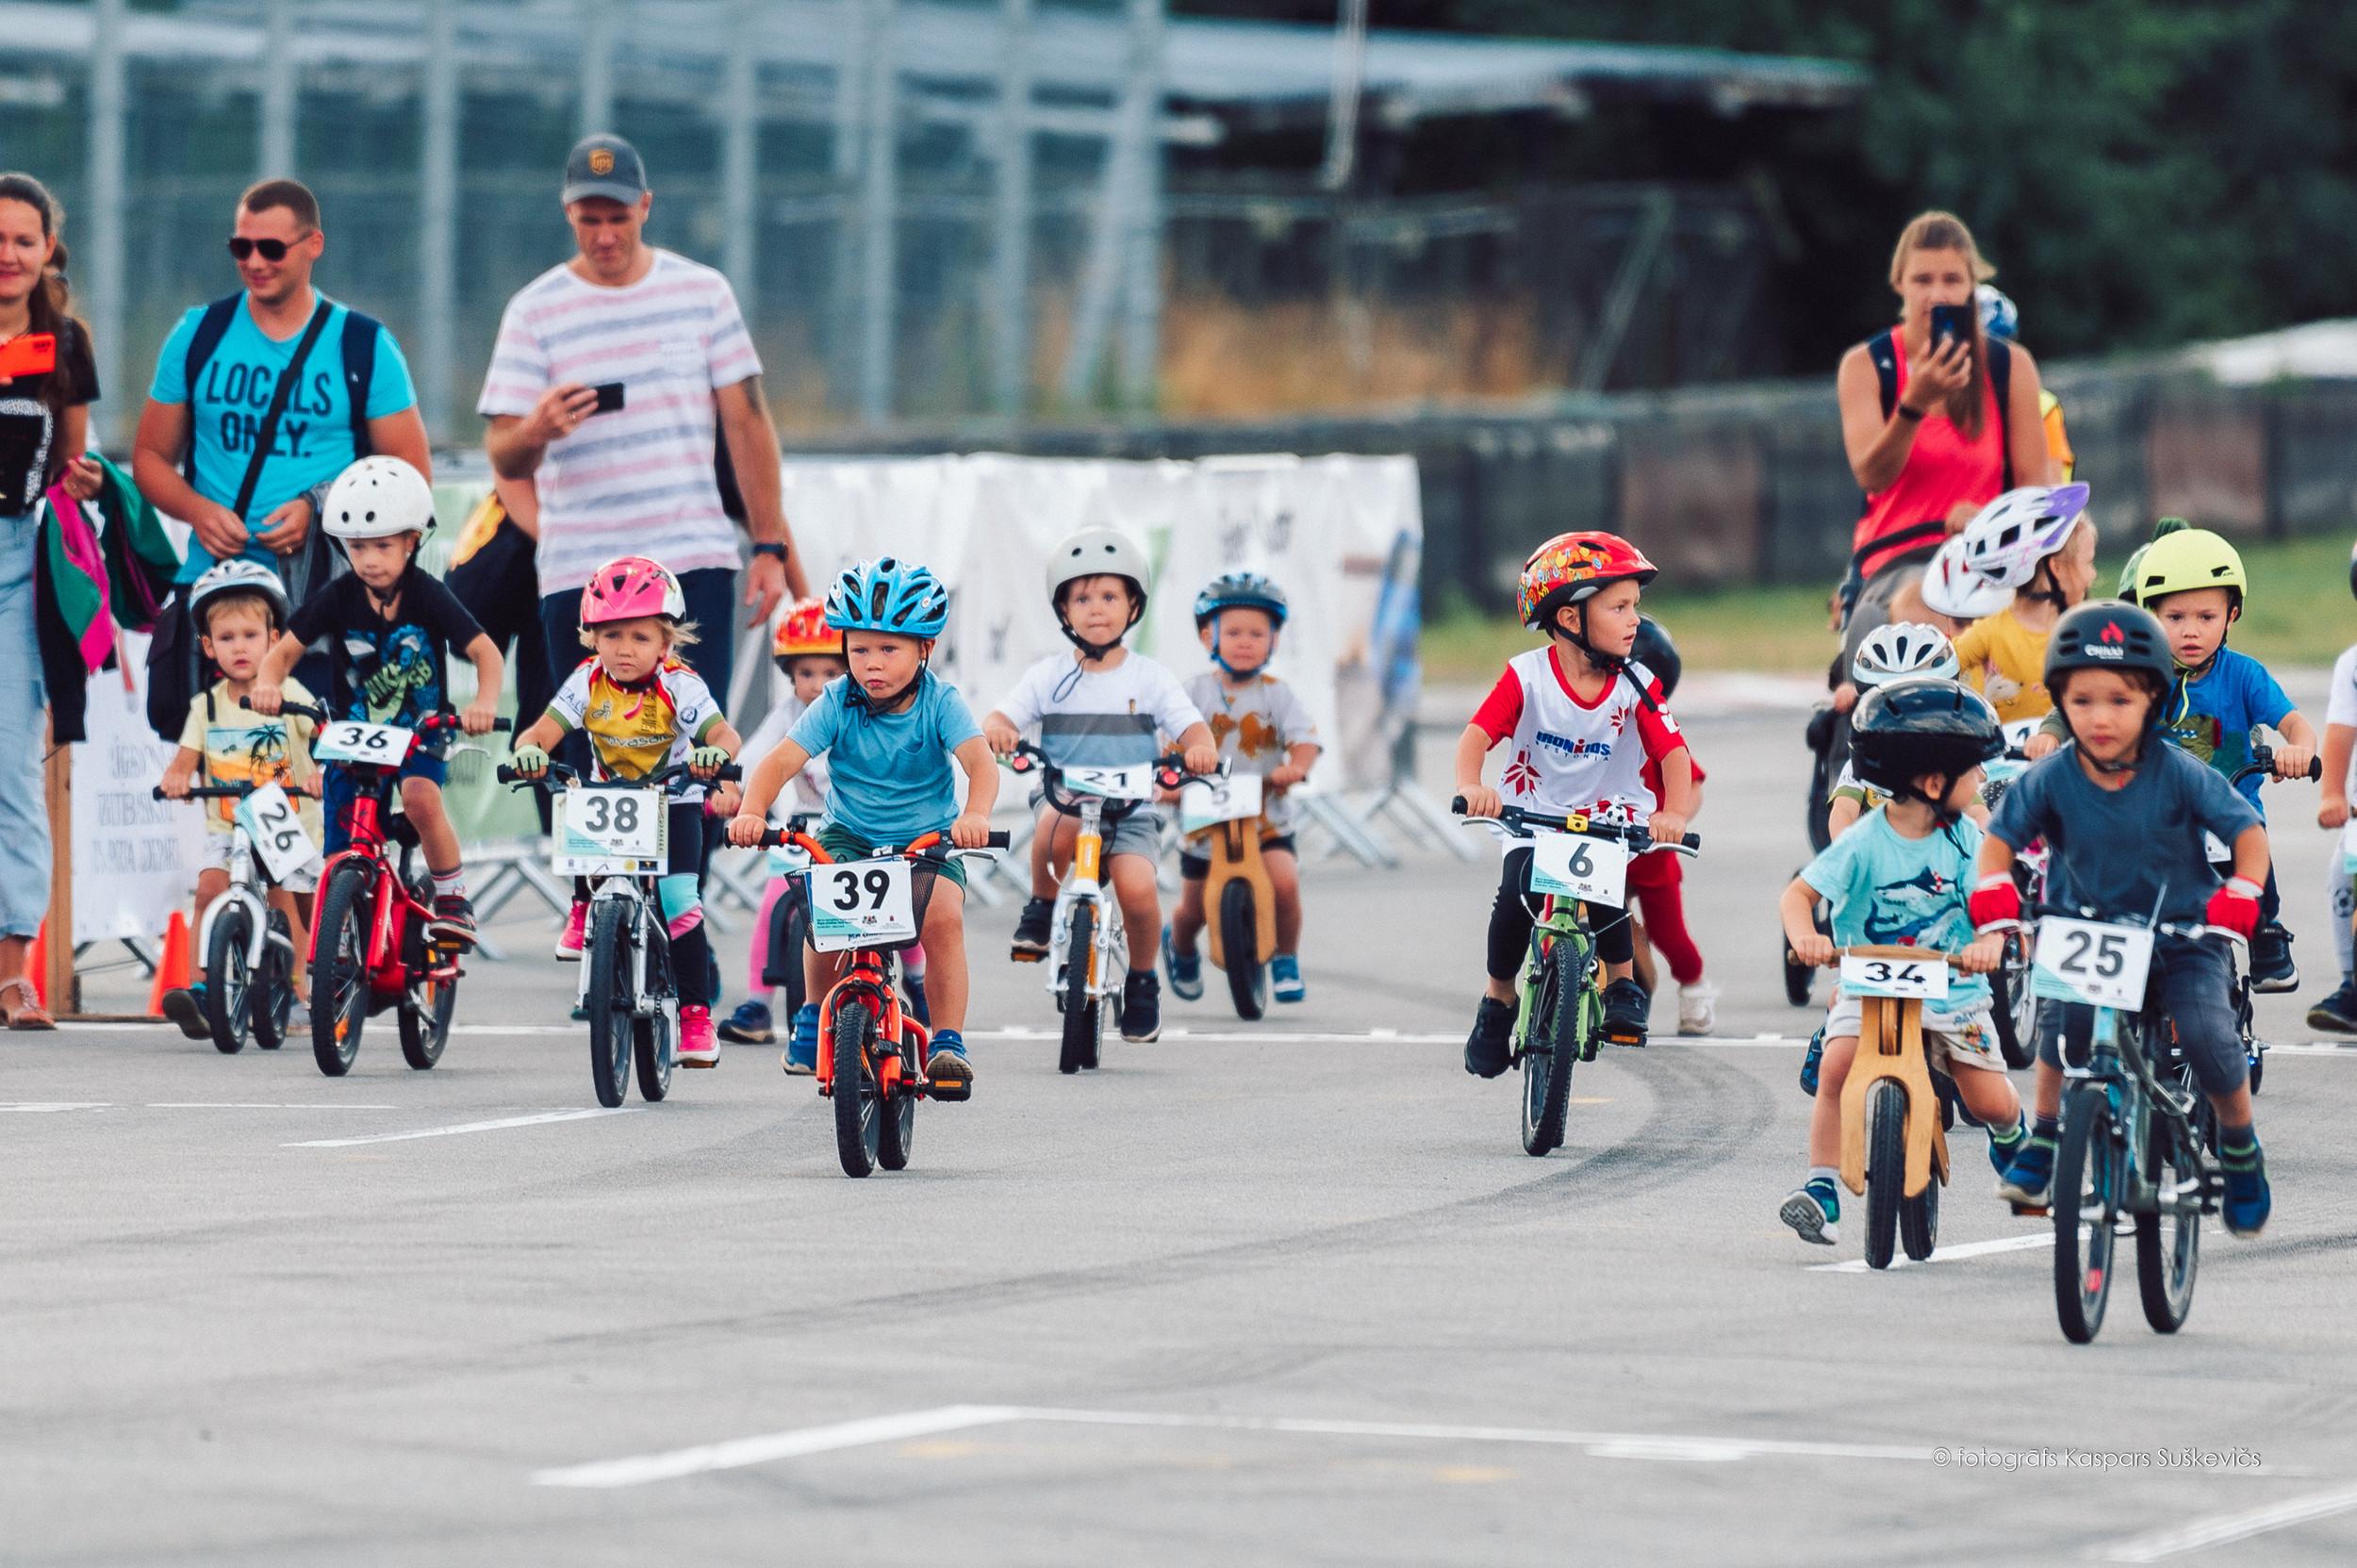 Vairāk nekā 300 bērni un jaunieši bauda Rīgas lielo balvu riteņbraukšanā